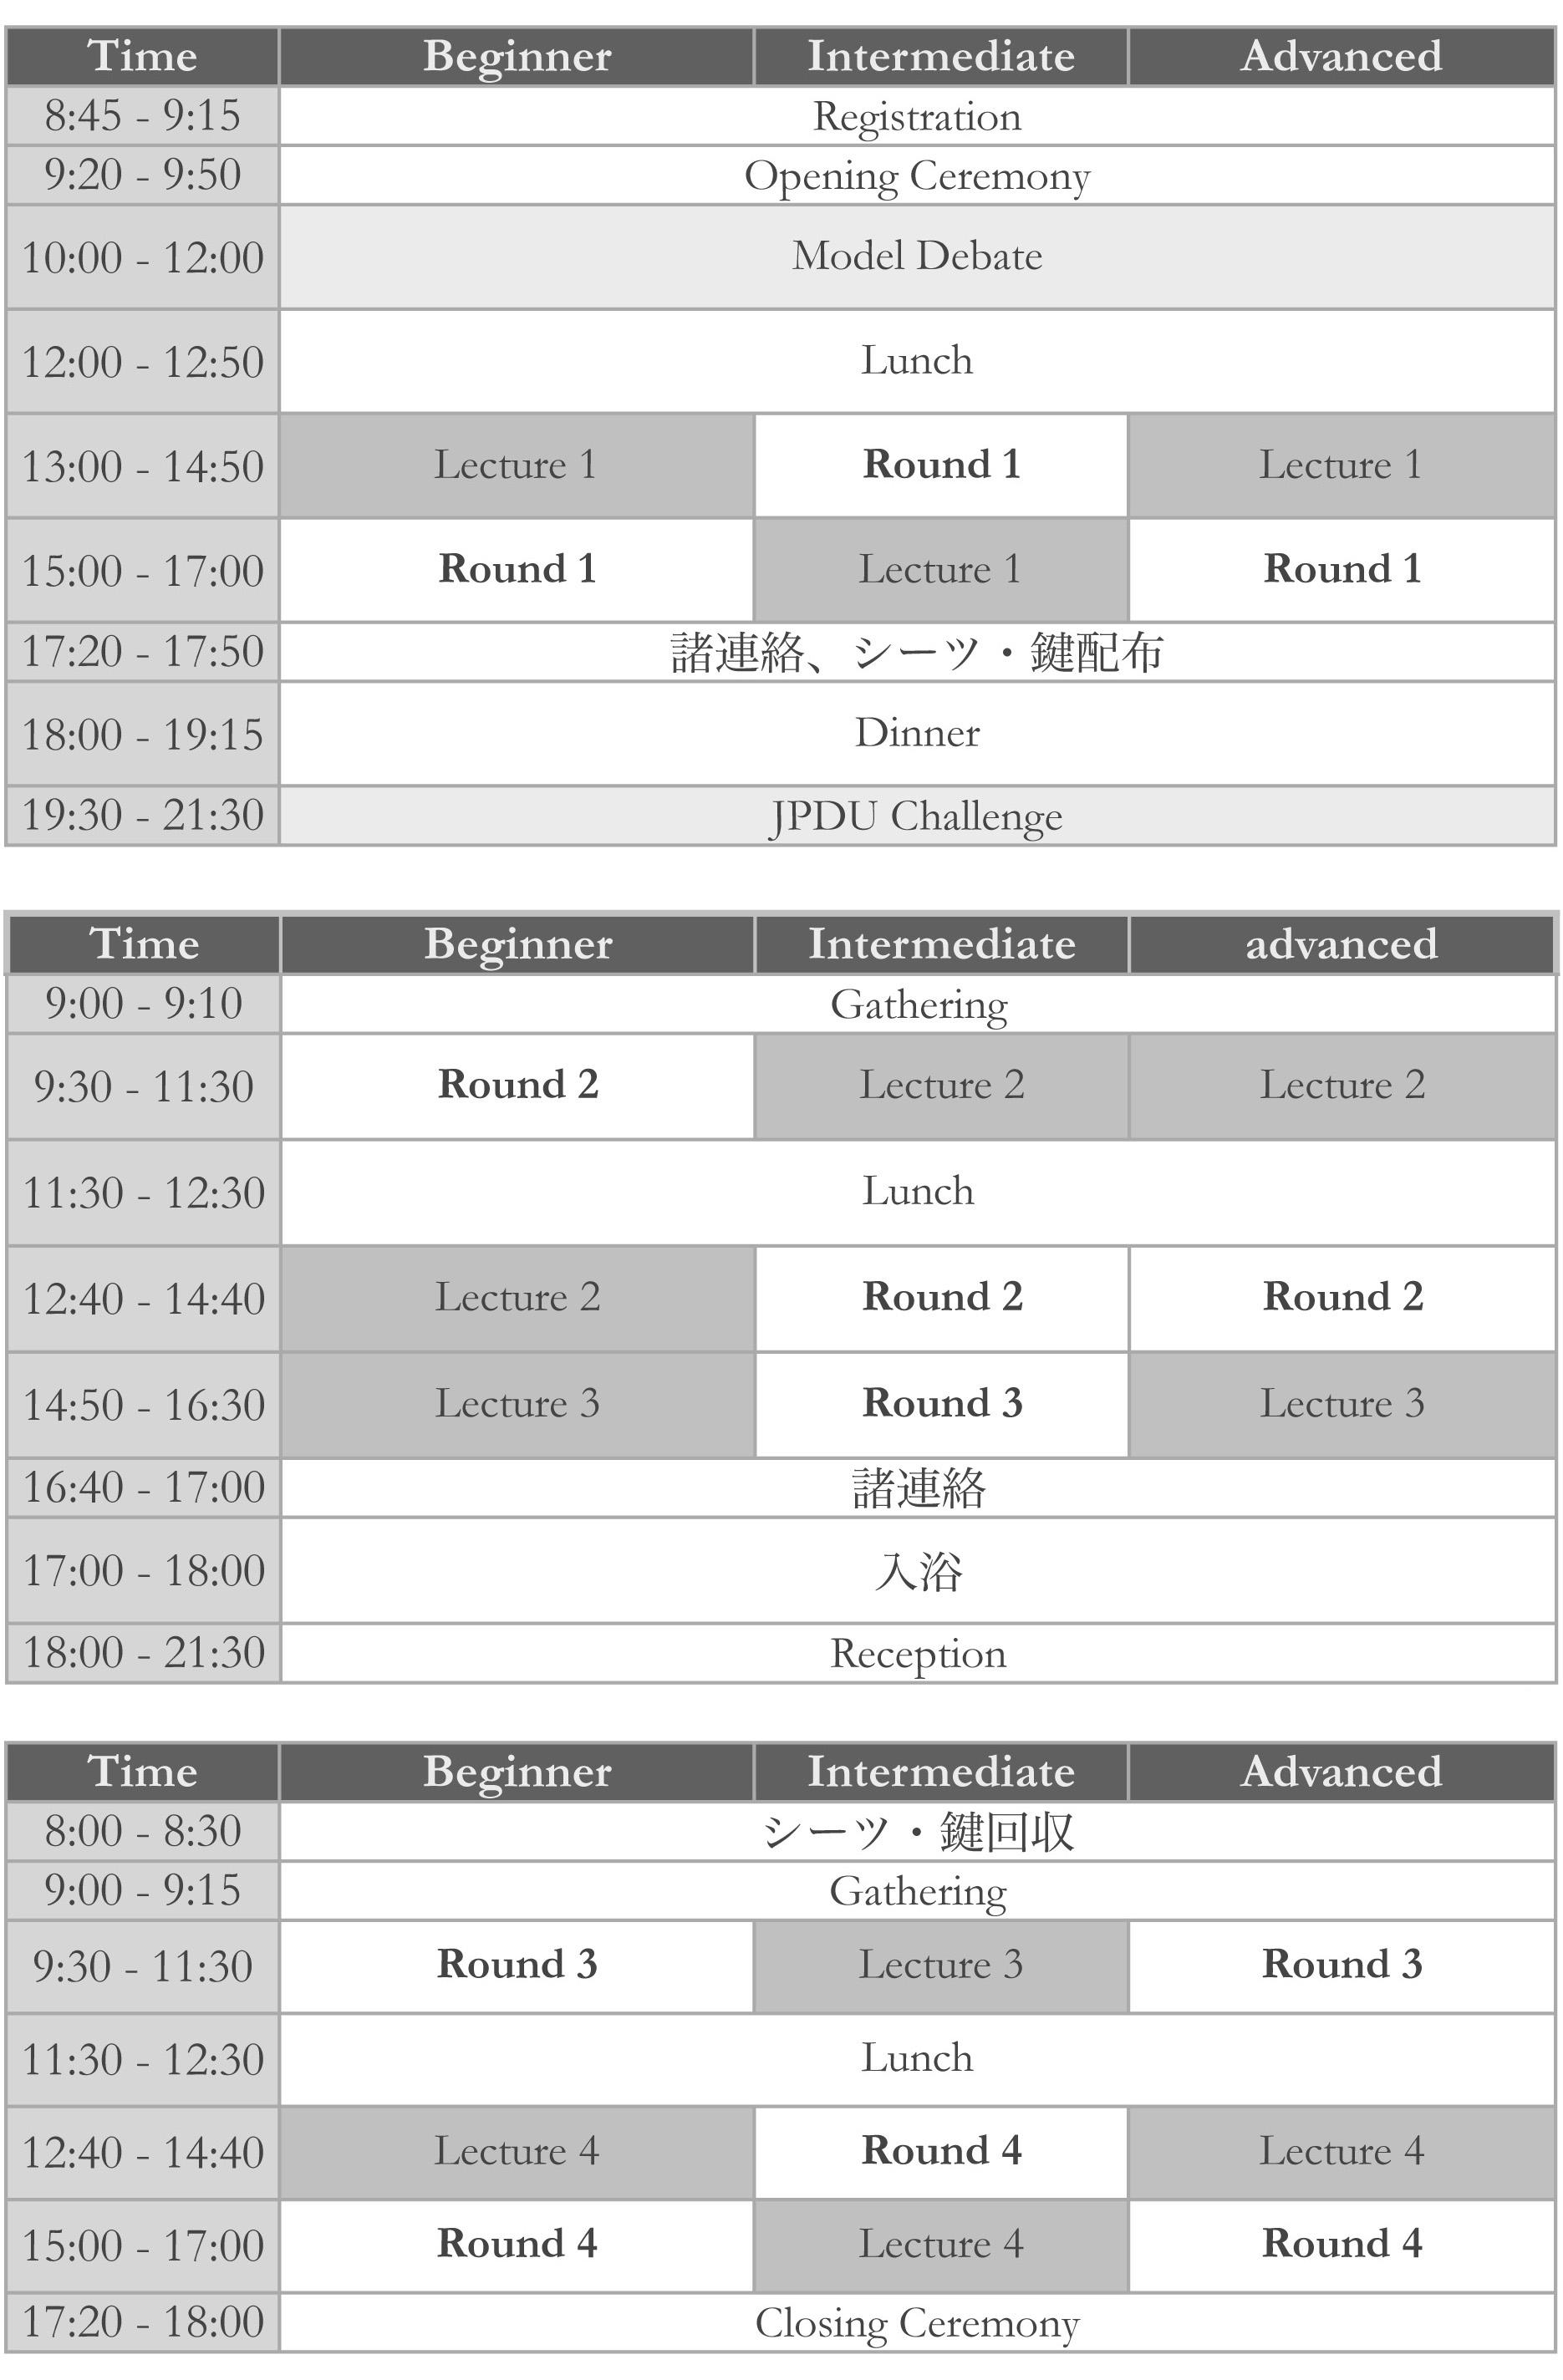 spring seminar 2012 schedule